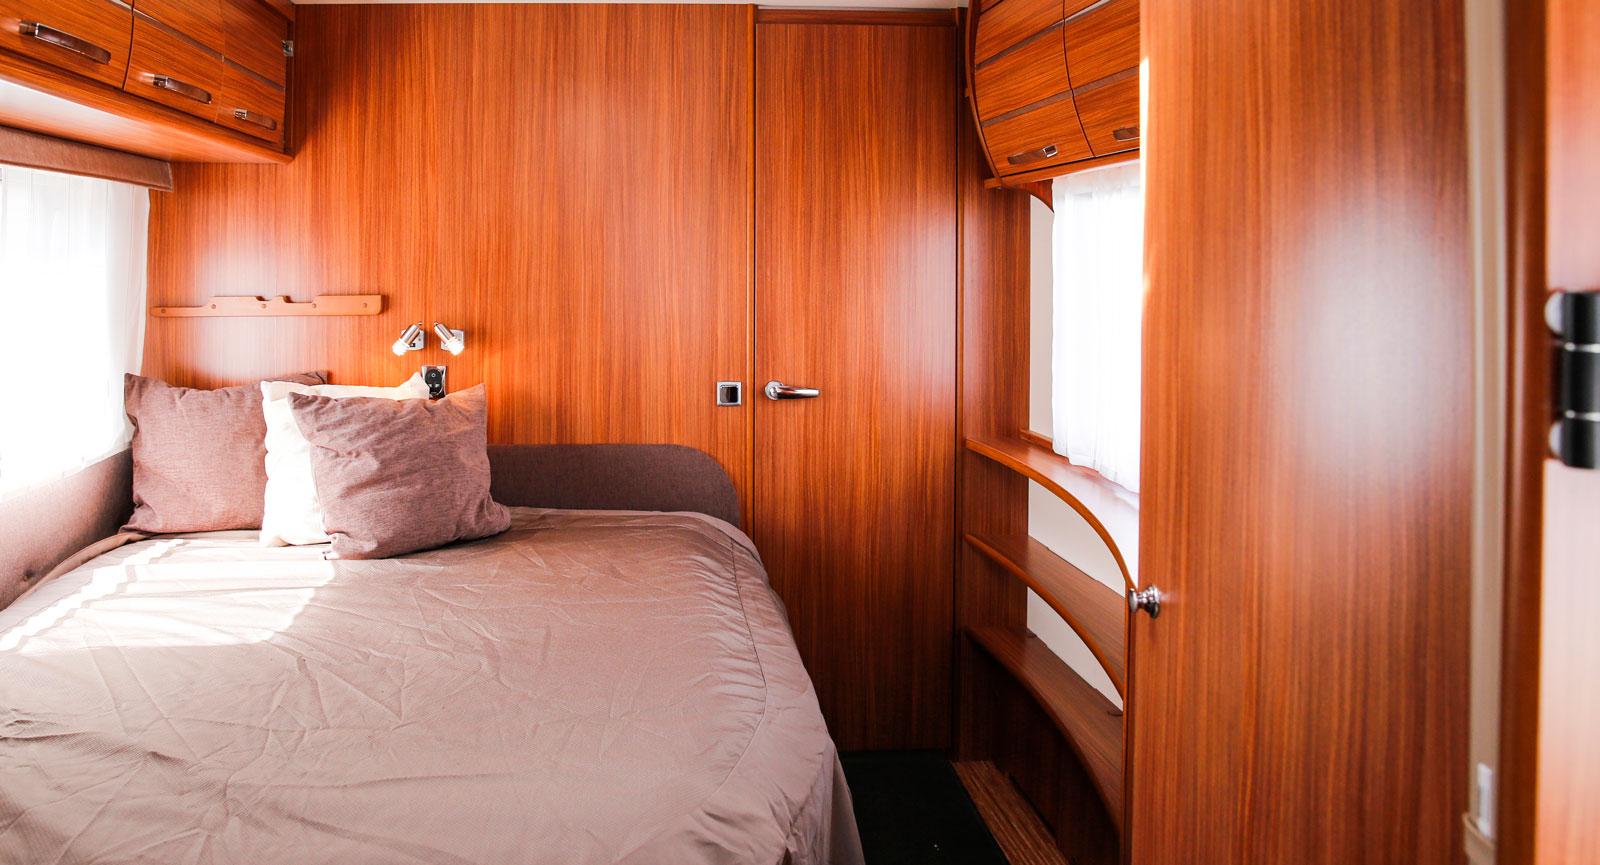 Sovrummet med så kallad fransk säng mot ena väggen. Sängen mäter 203 x 157 cm. Hyllor och skåp vid andra väggen.